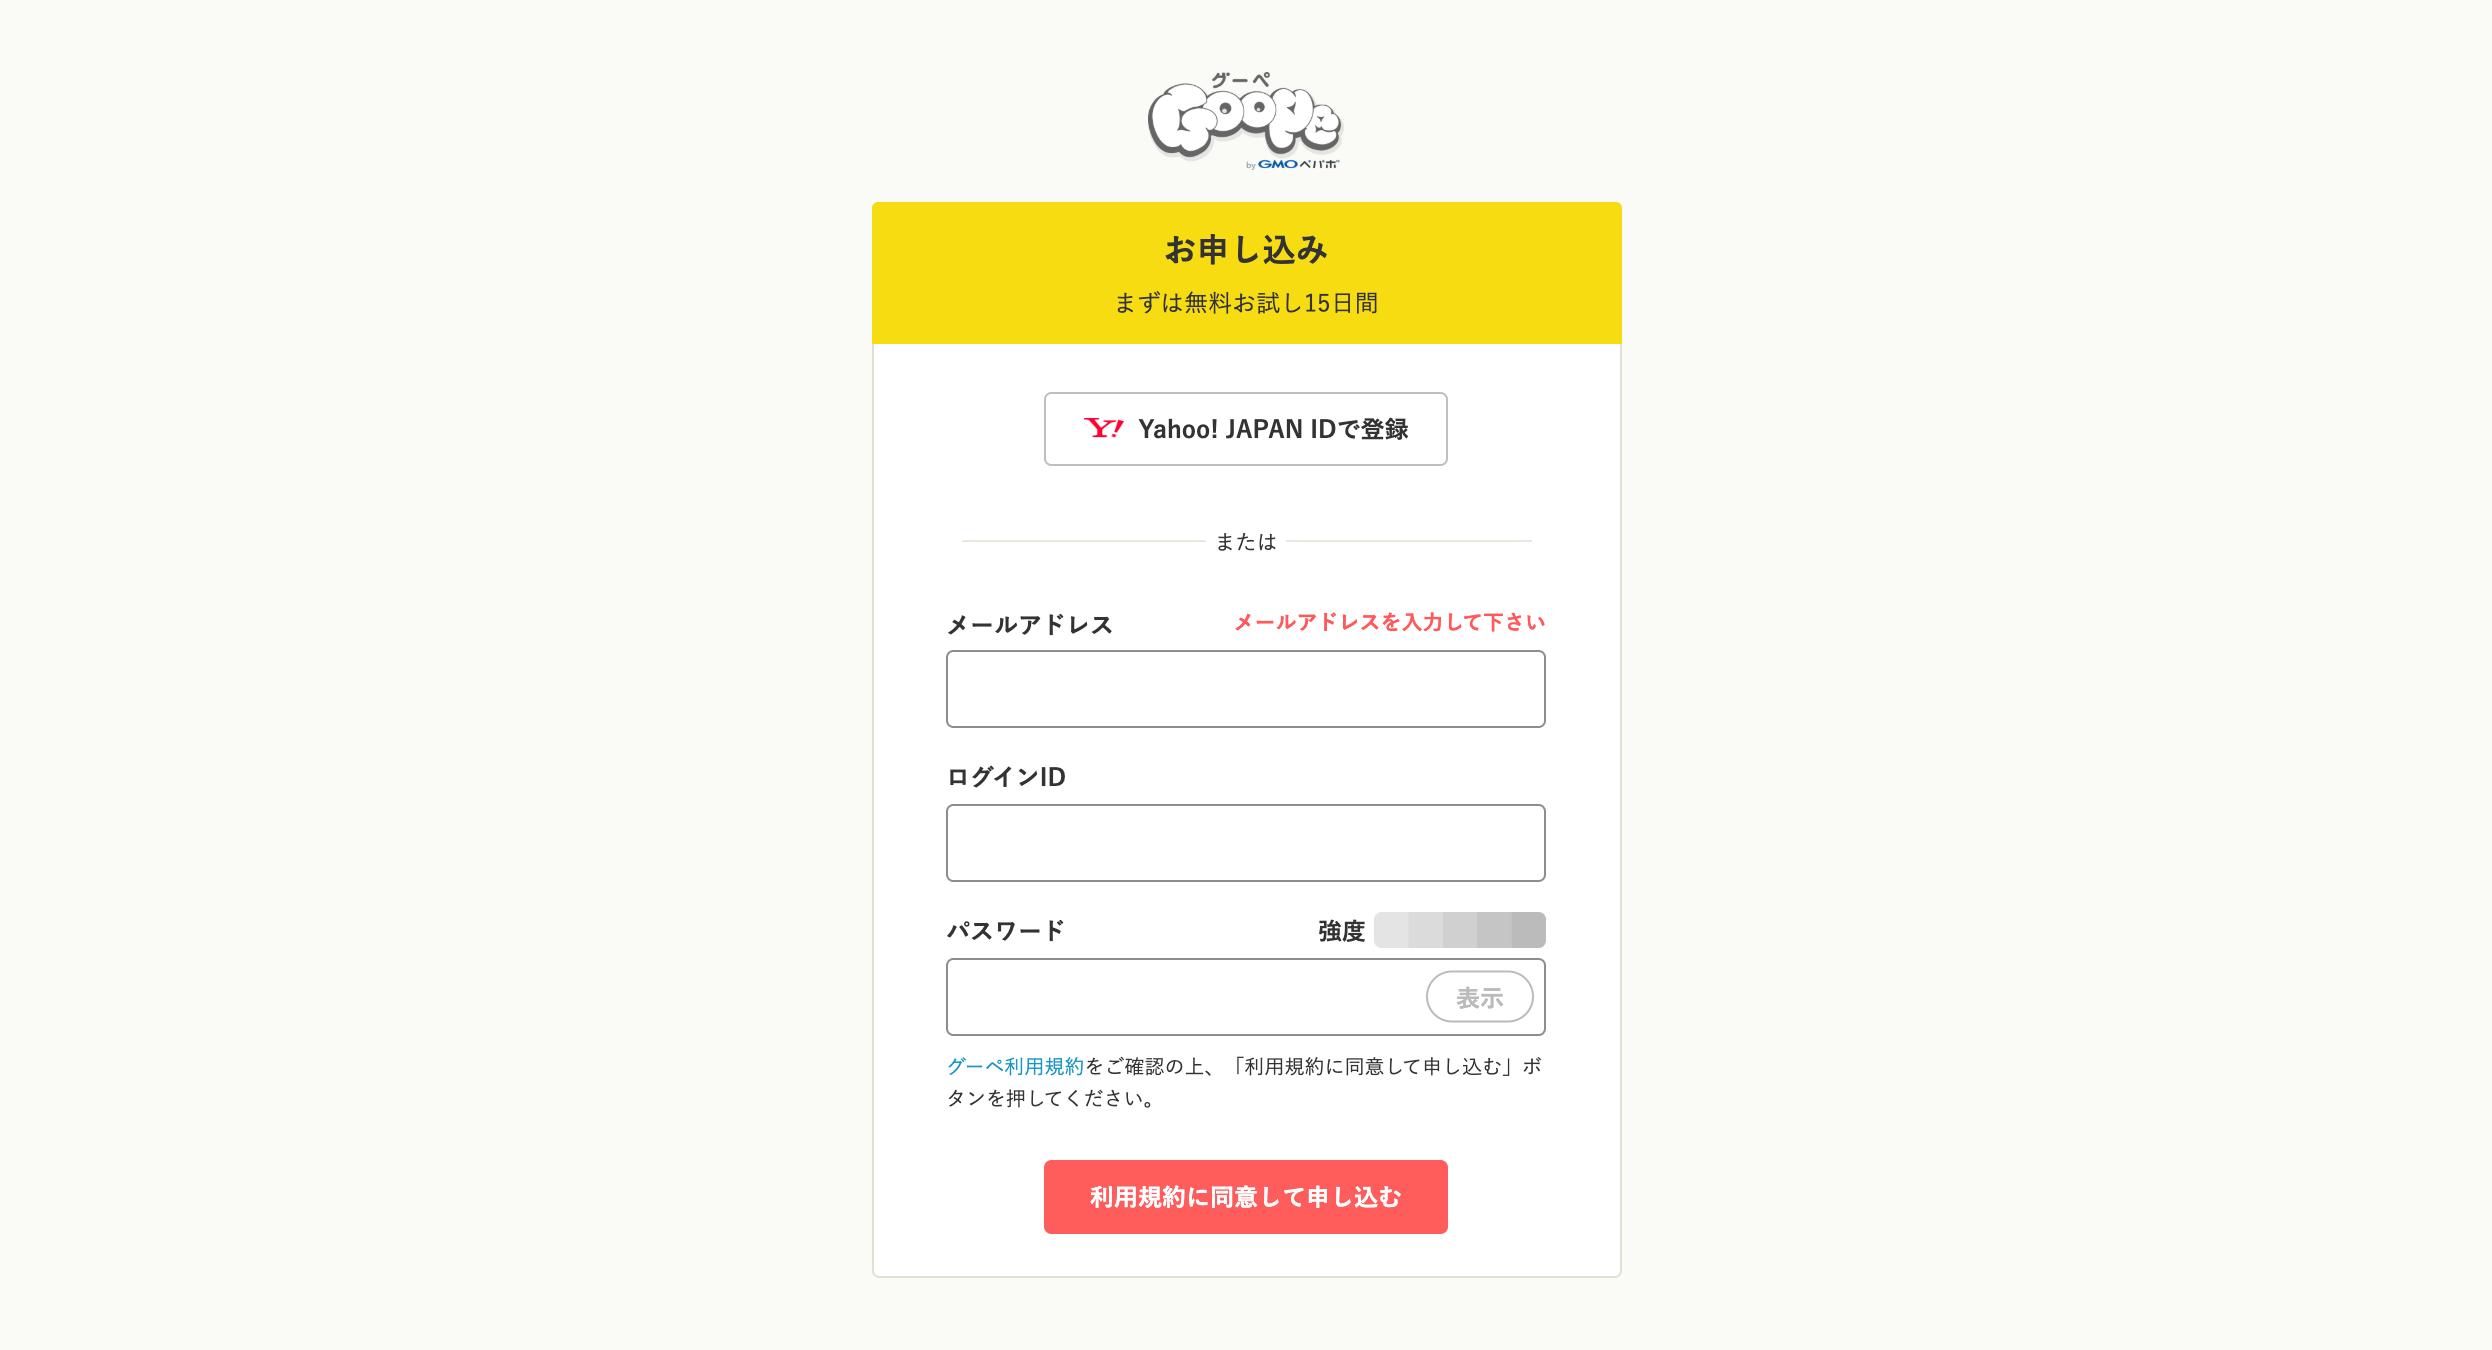 グーペに登録・無料体験する:メールアドレス・パスワード入力